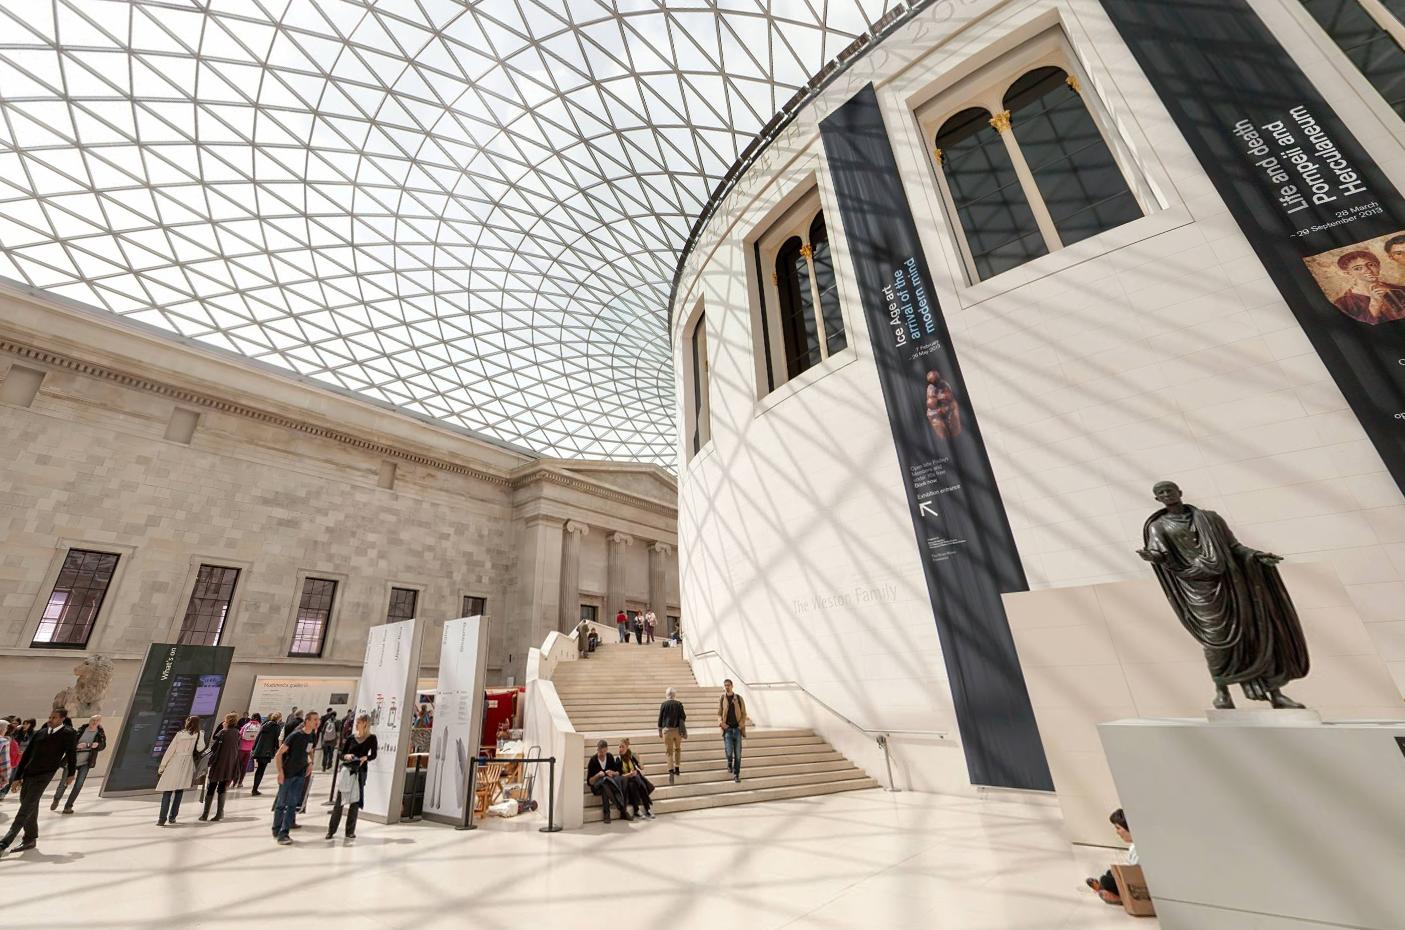 Scade tra una settimana il bando per la selezione di direttori per 20 musei italiani